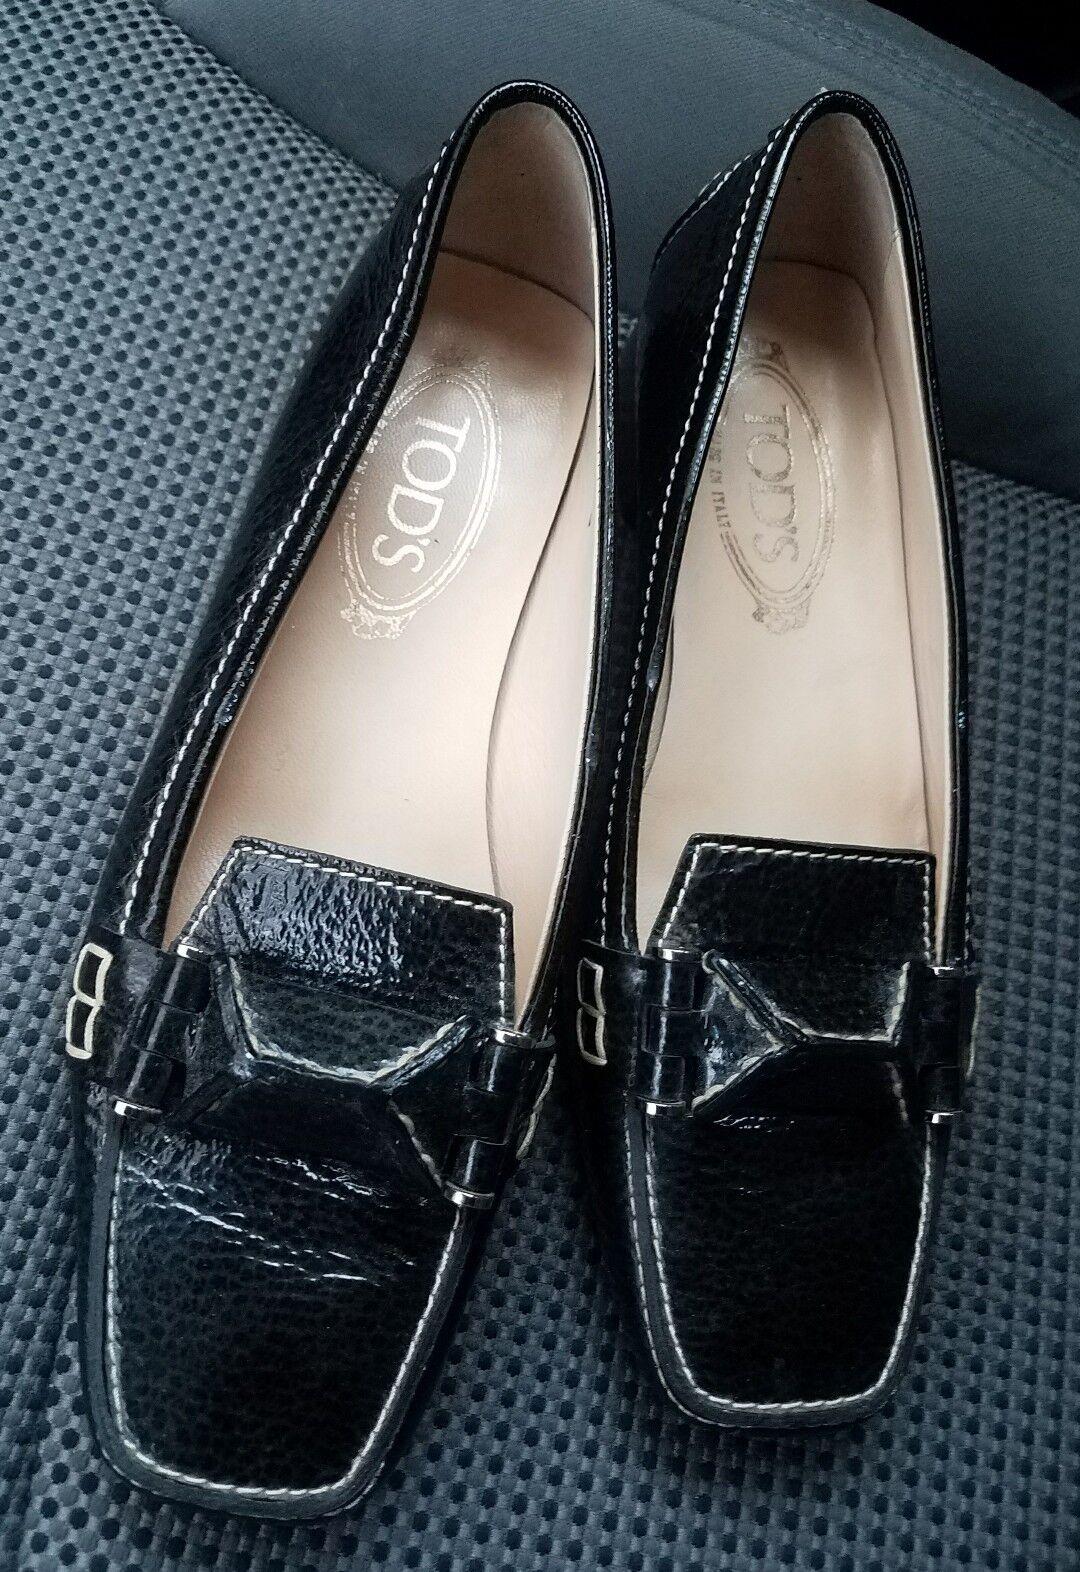 Tod's ladies stylish schuhe Günstige und gute Schuhe